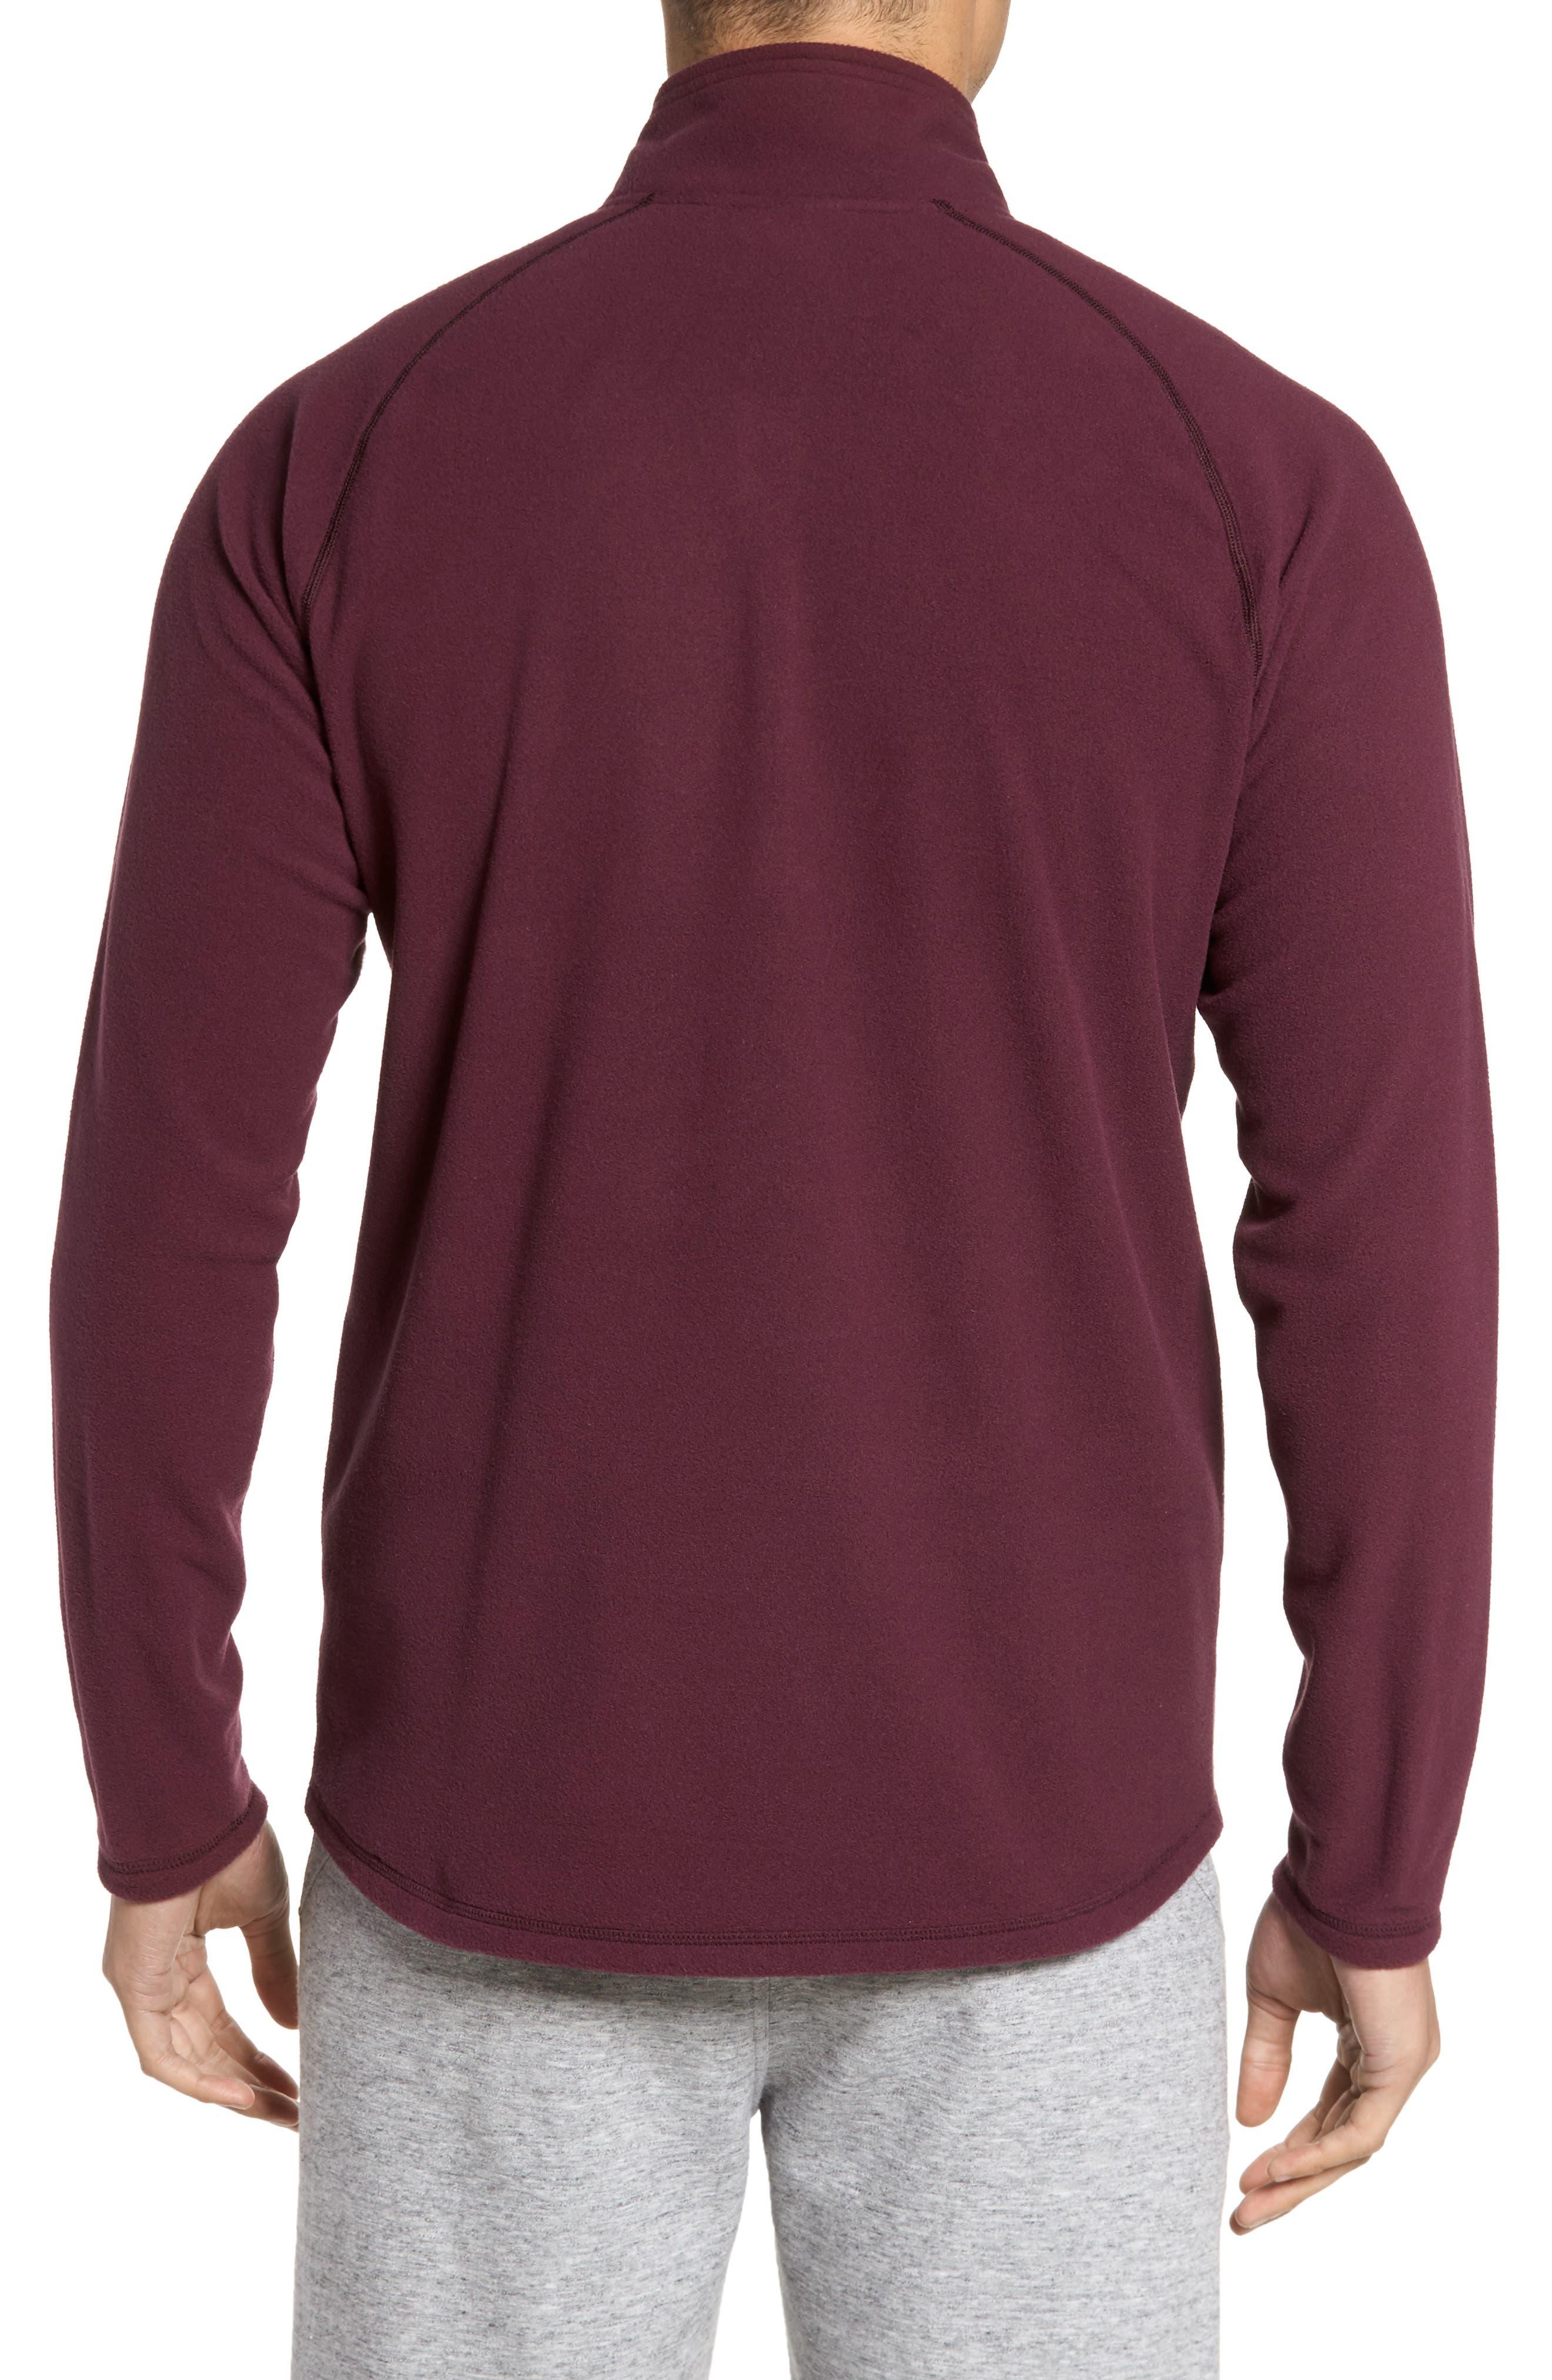 Alternate Image 2  - Zella Quarter Zip Fleece Pullover